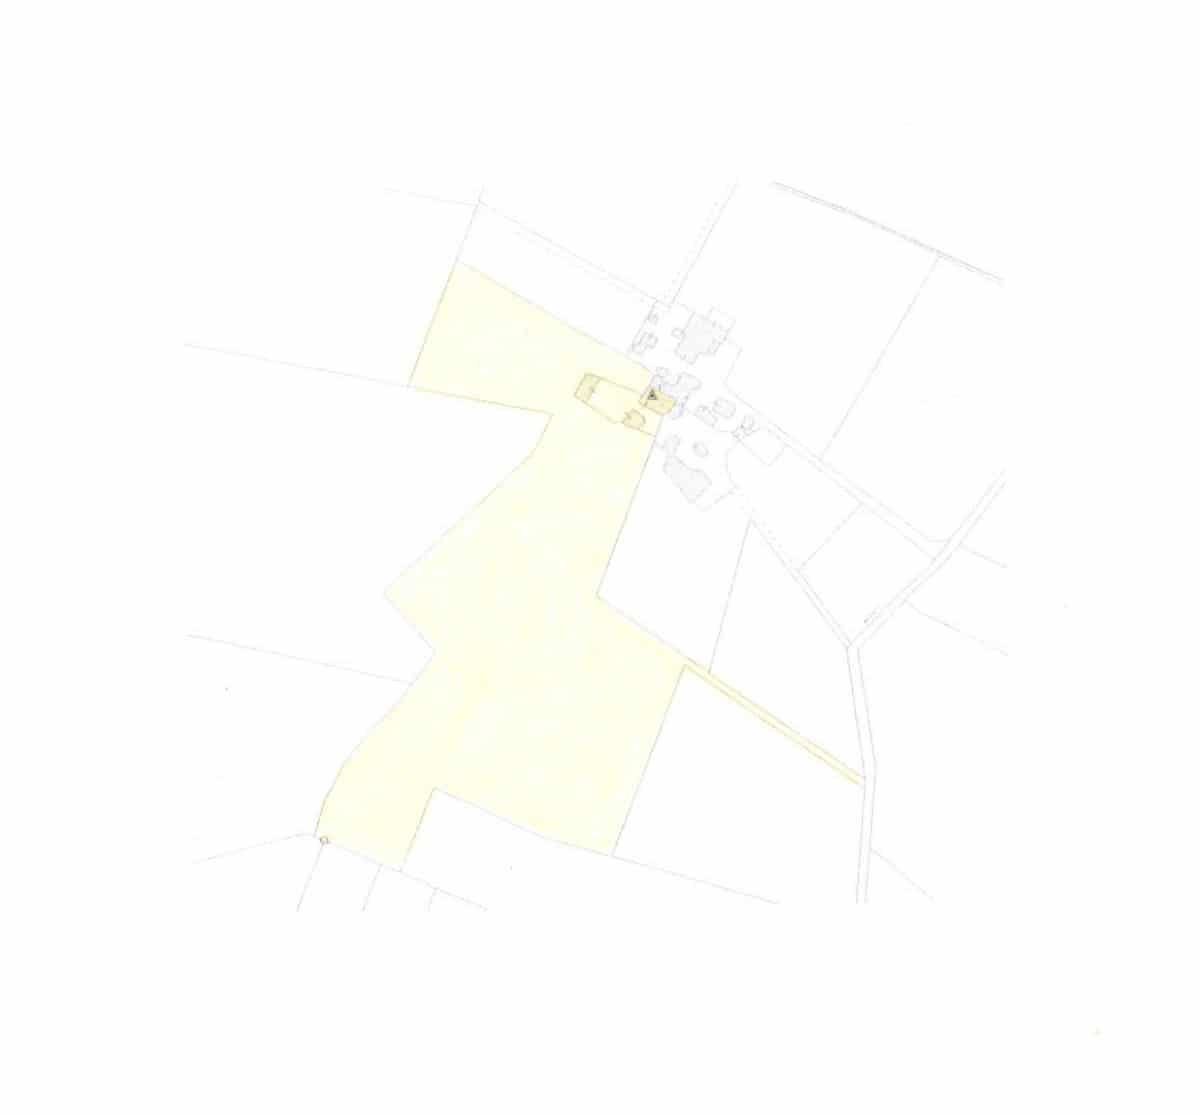 Vendita Masserie – Contrada Miceli , Valle D'Itria – Alto Salento, Martina Franca (Taranto)